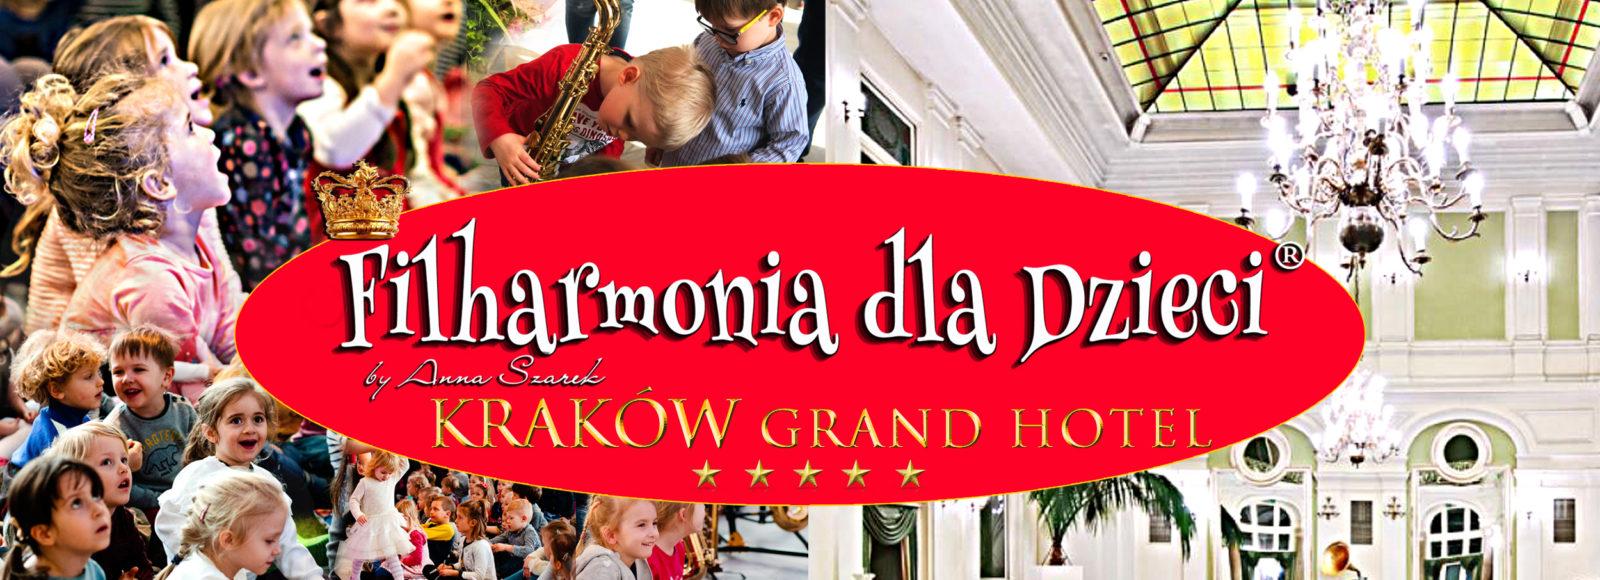 Filharmonia dla Dzieci KRAKOW GRAND HOTEL